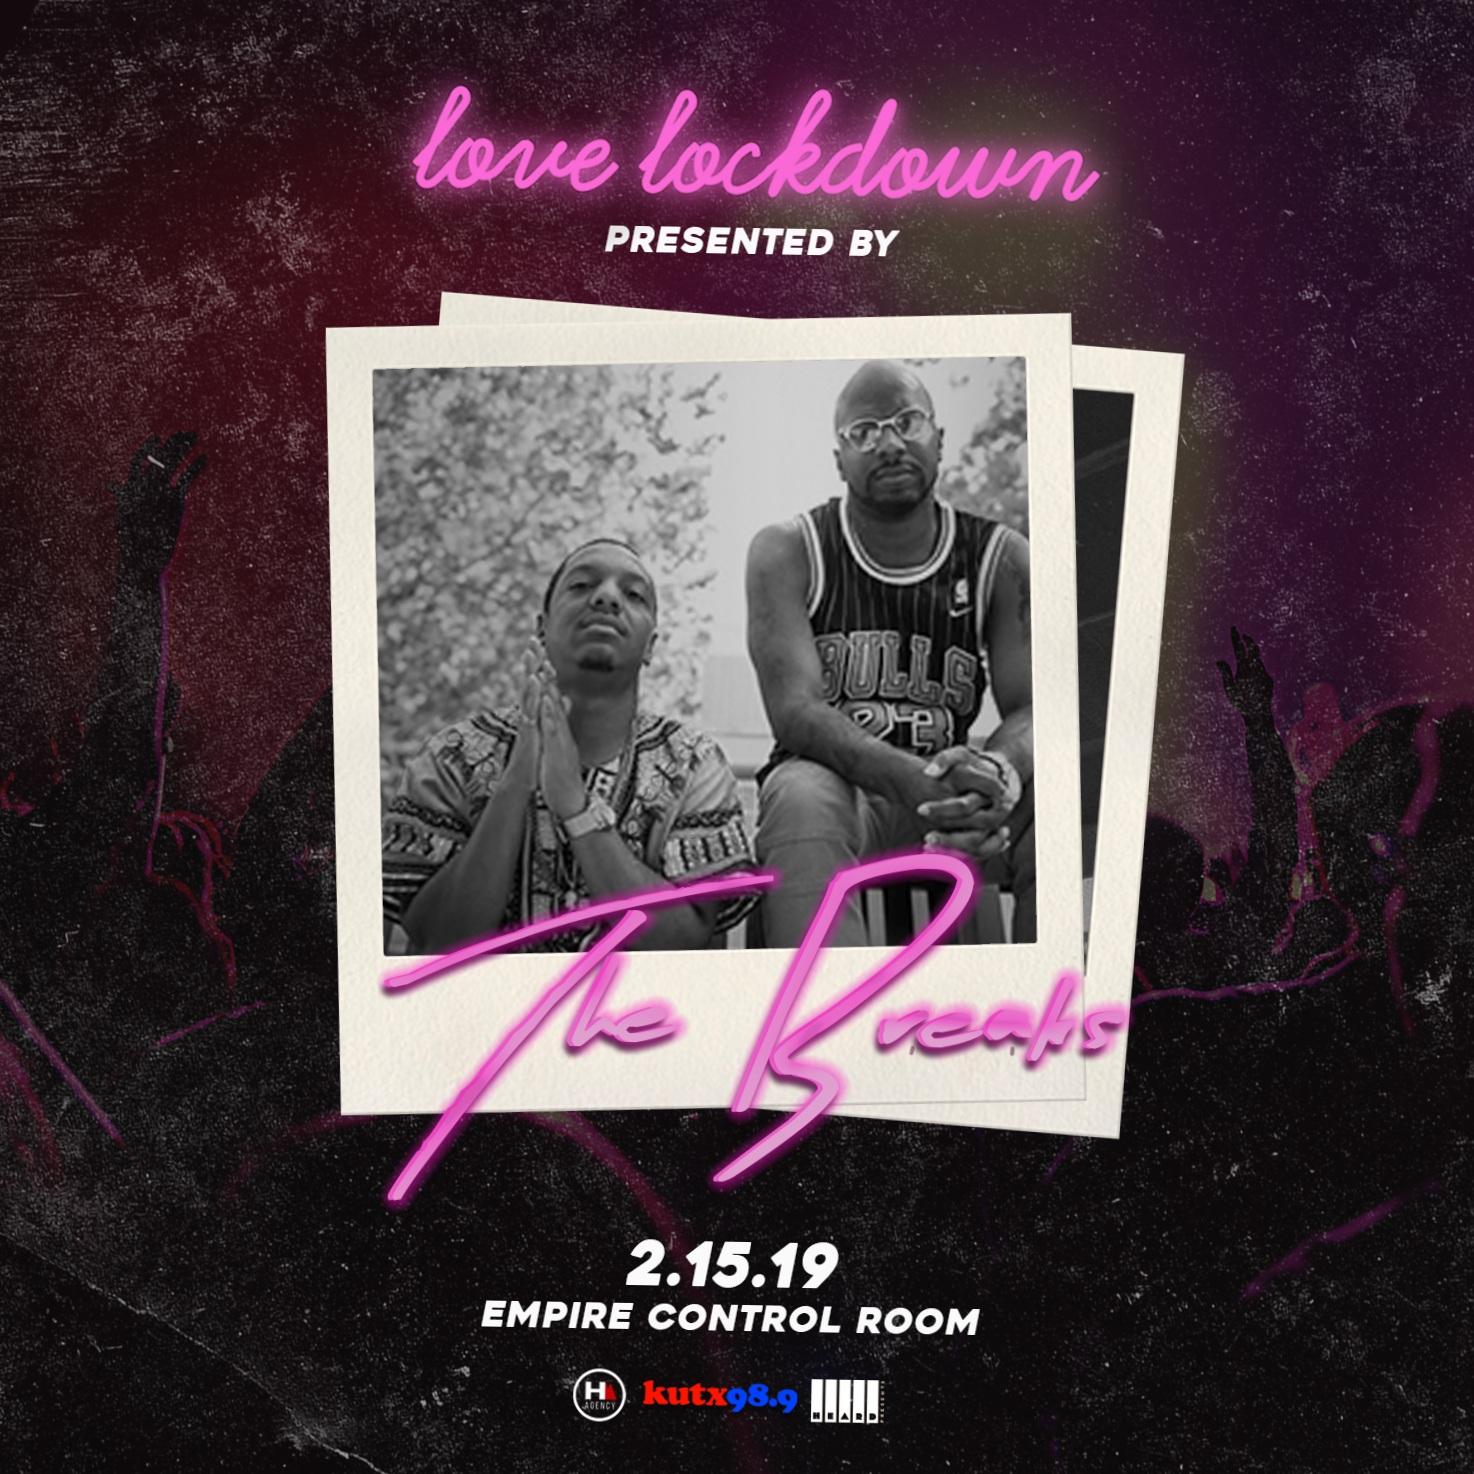 Love Lockdown hosted by KUTX's The Breaks